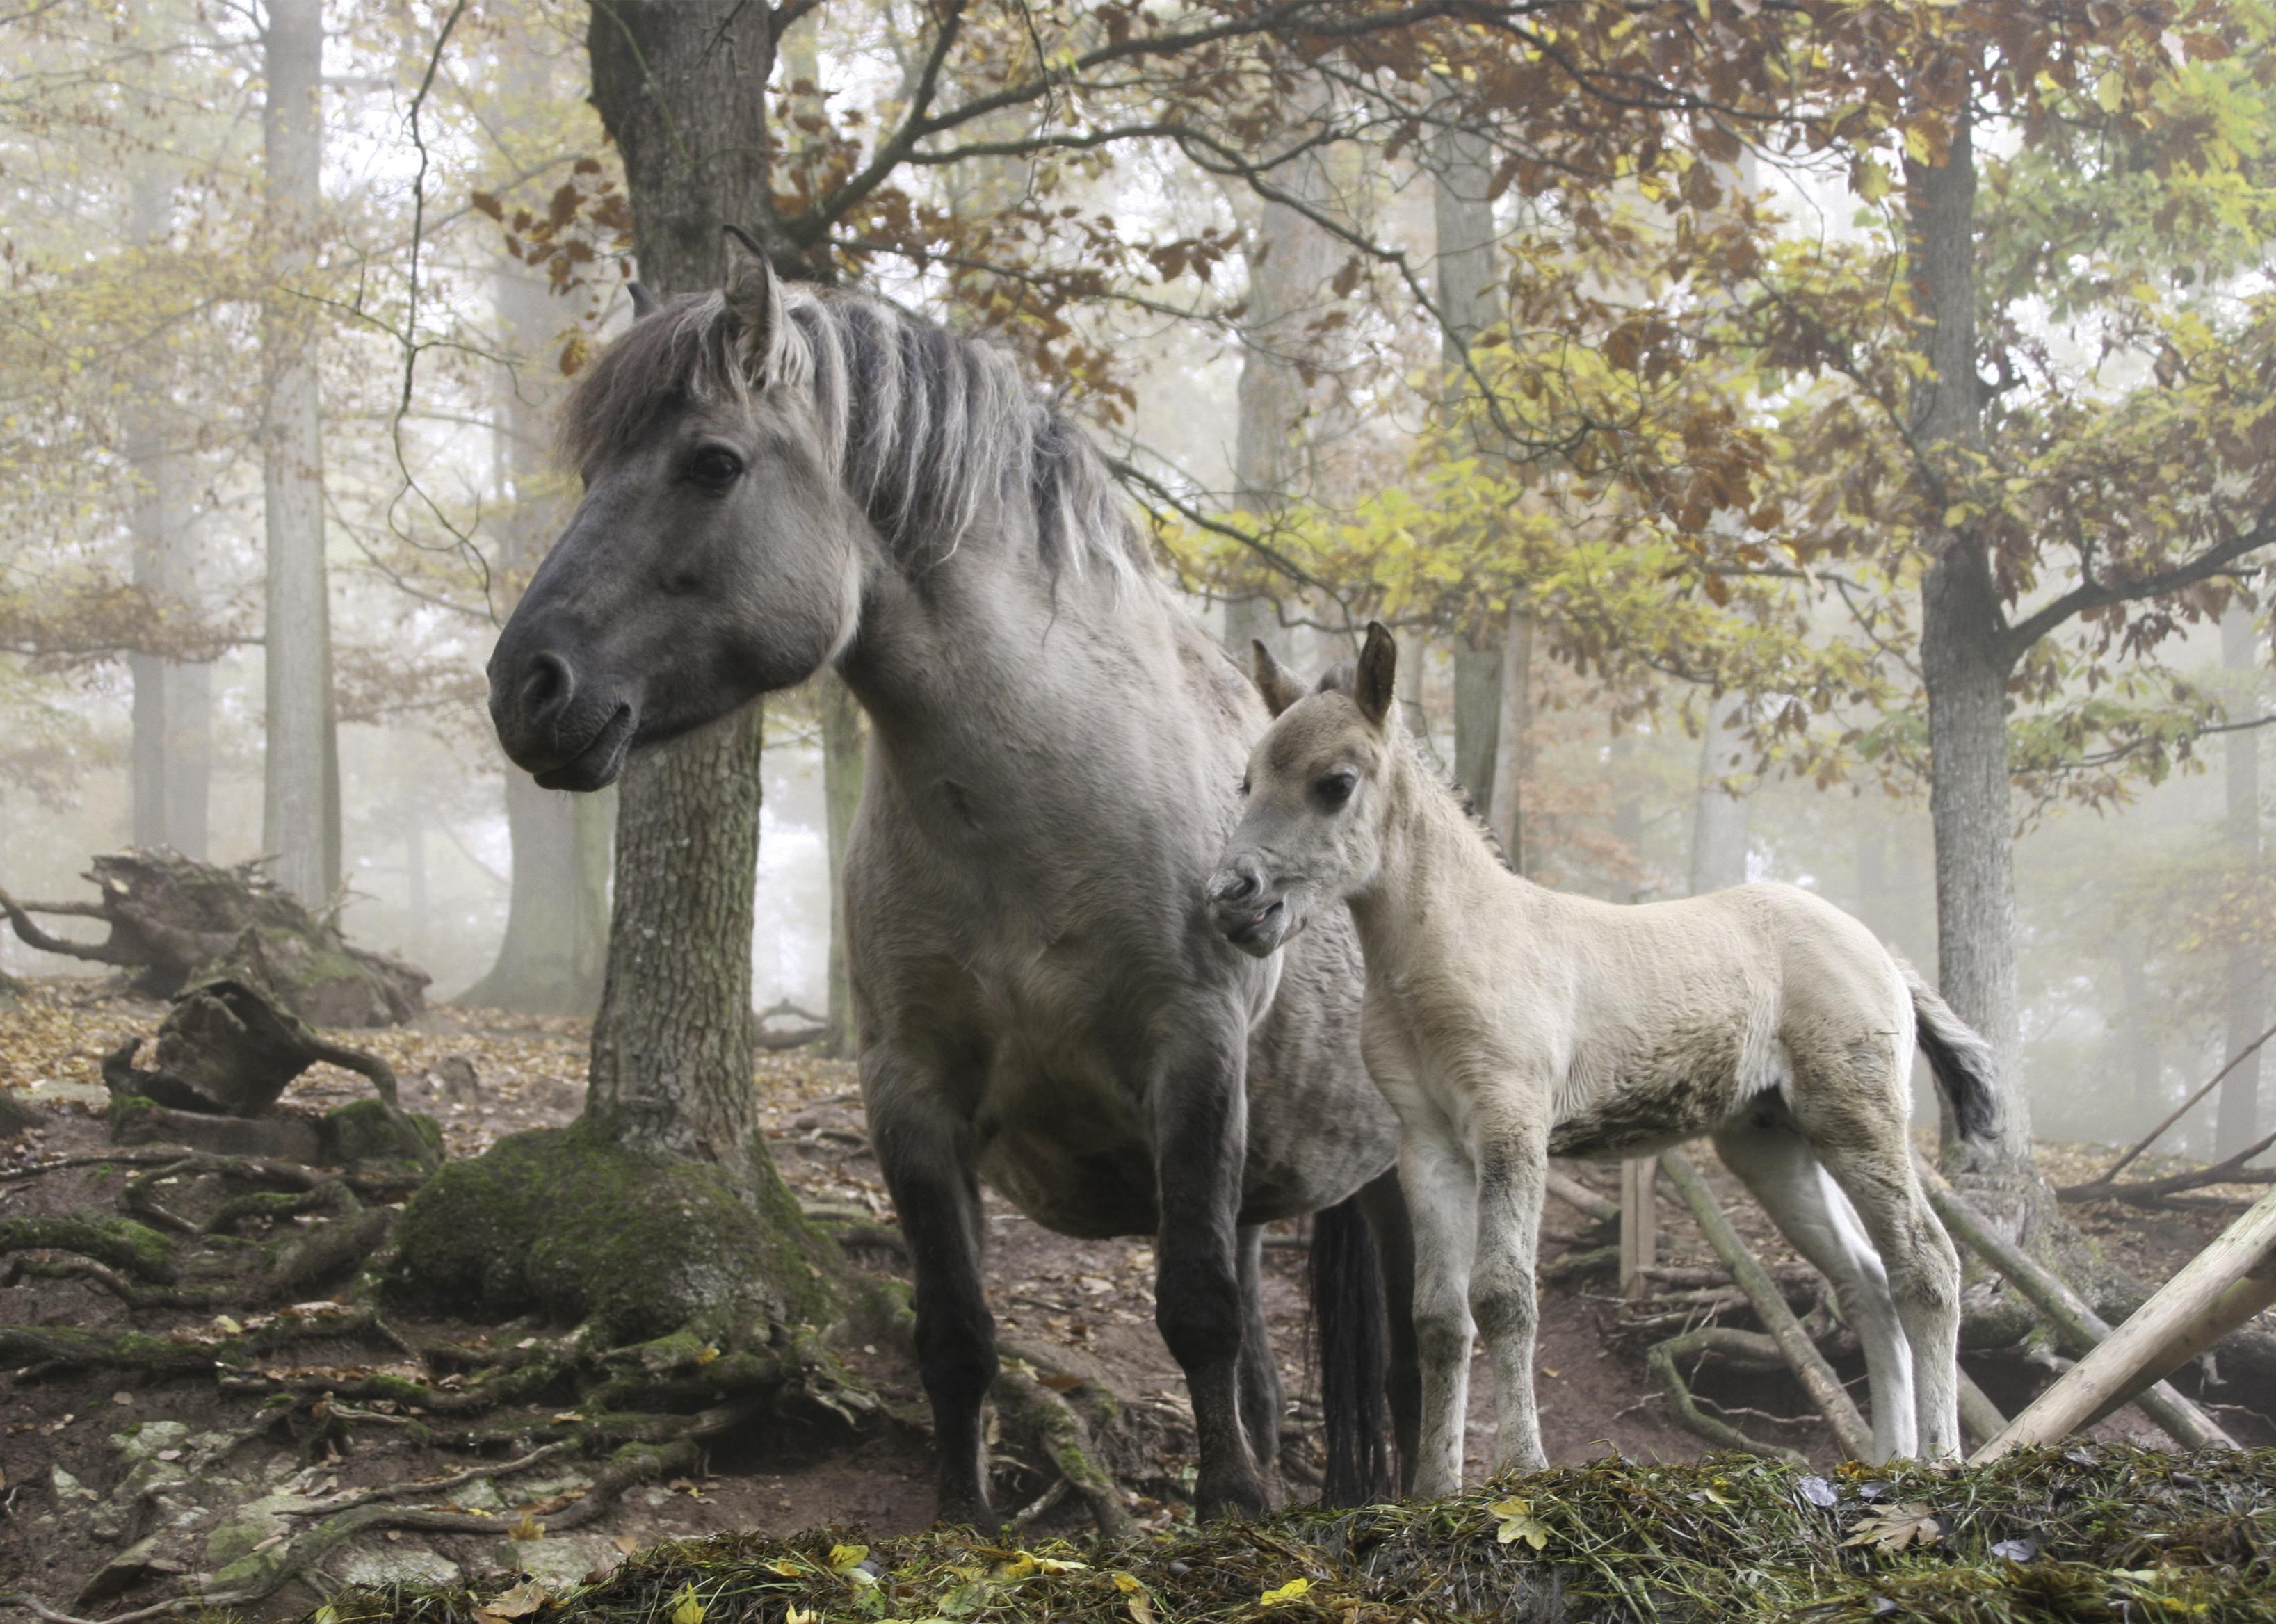 الخيول البرية, ألمانيا, أجمل الصور الطبيعية,